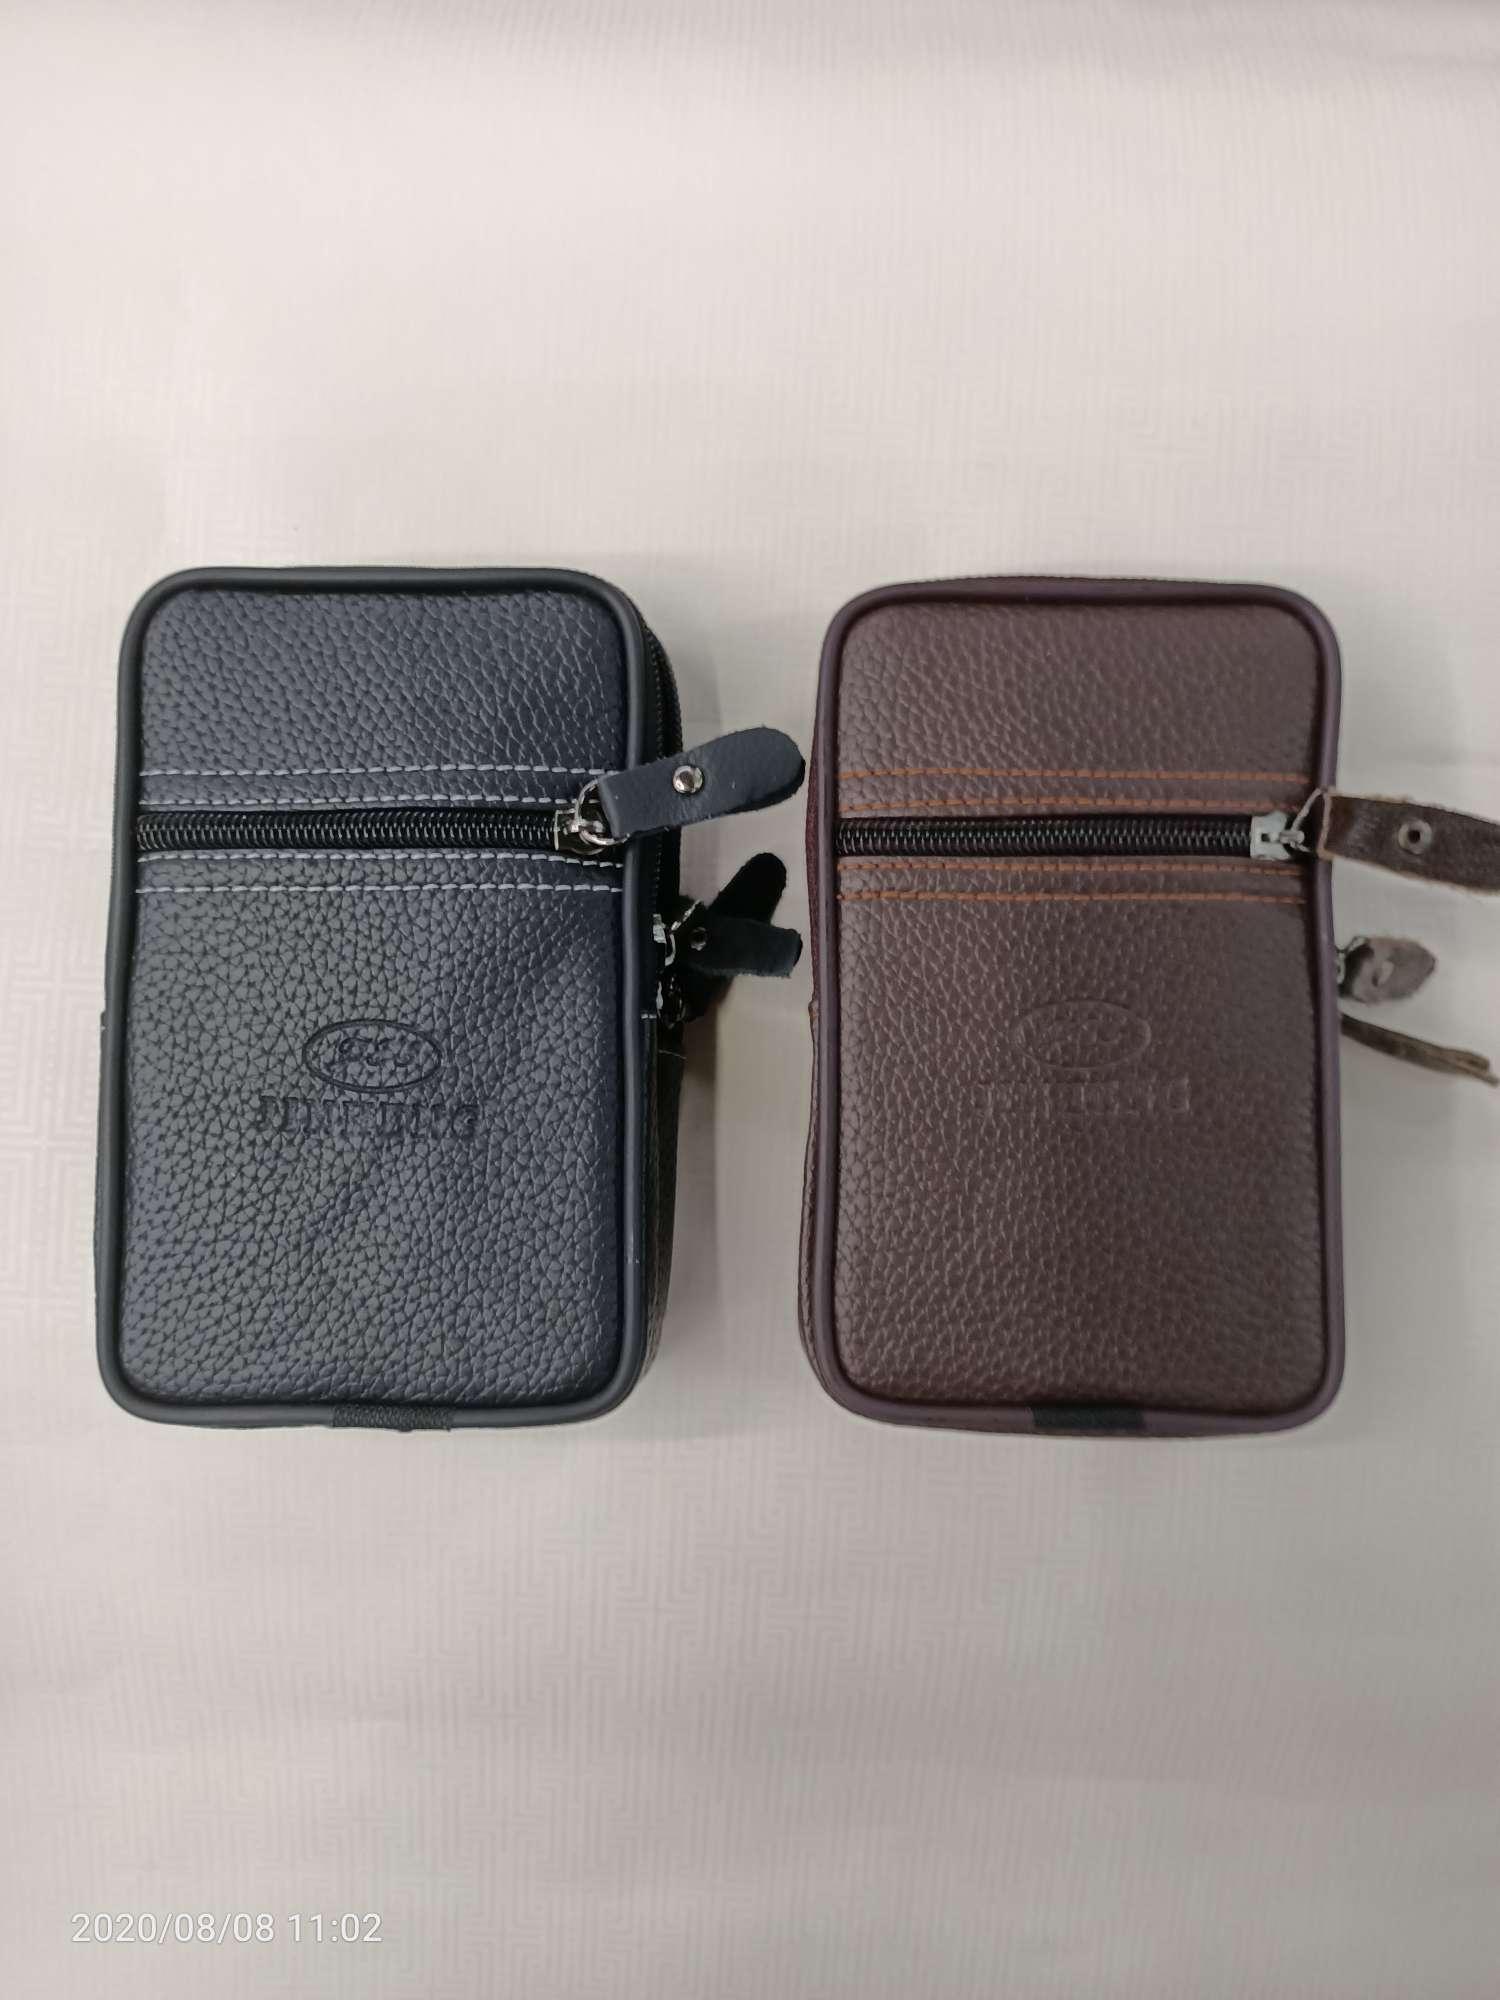 男士双拉链腰包手机包 多功能双层软牛皮穿皮带卡包零钱包